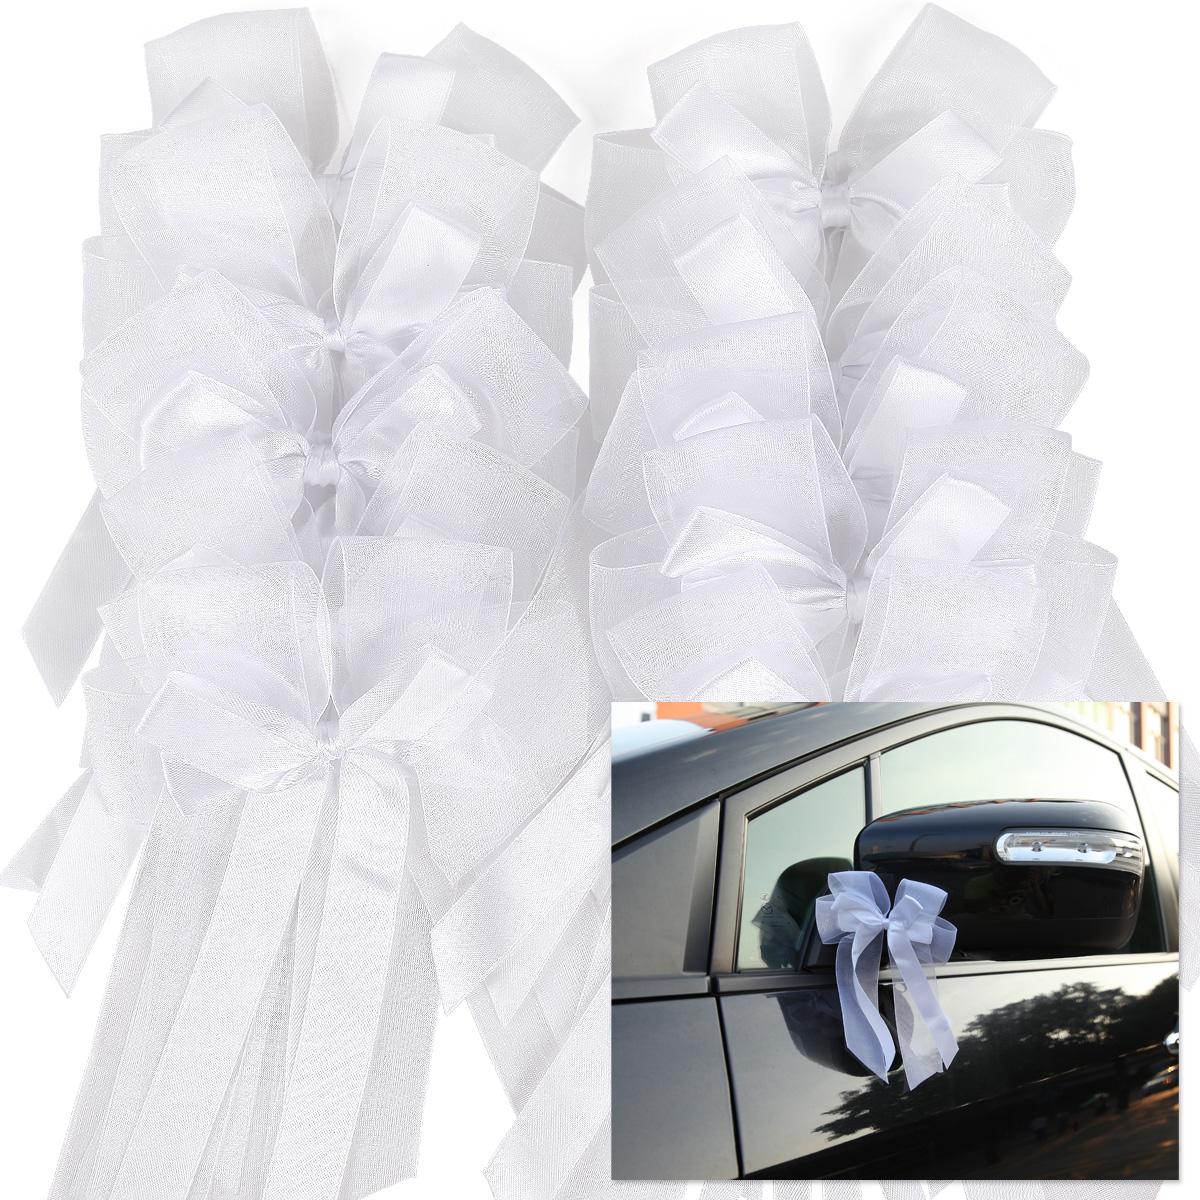 10 gross antennenschleifen autoschleifen autoschmuck organza hochzeit deko sure ebay. Black Bedroom Furniture Sets. Home Design Ideas